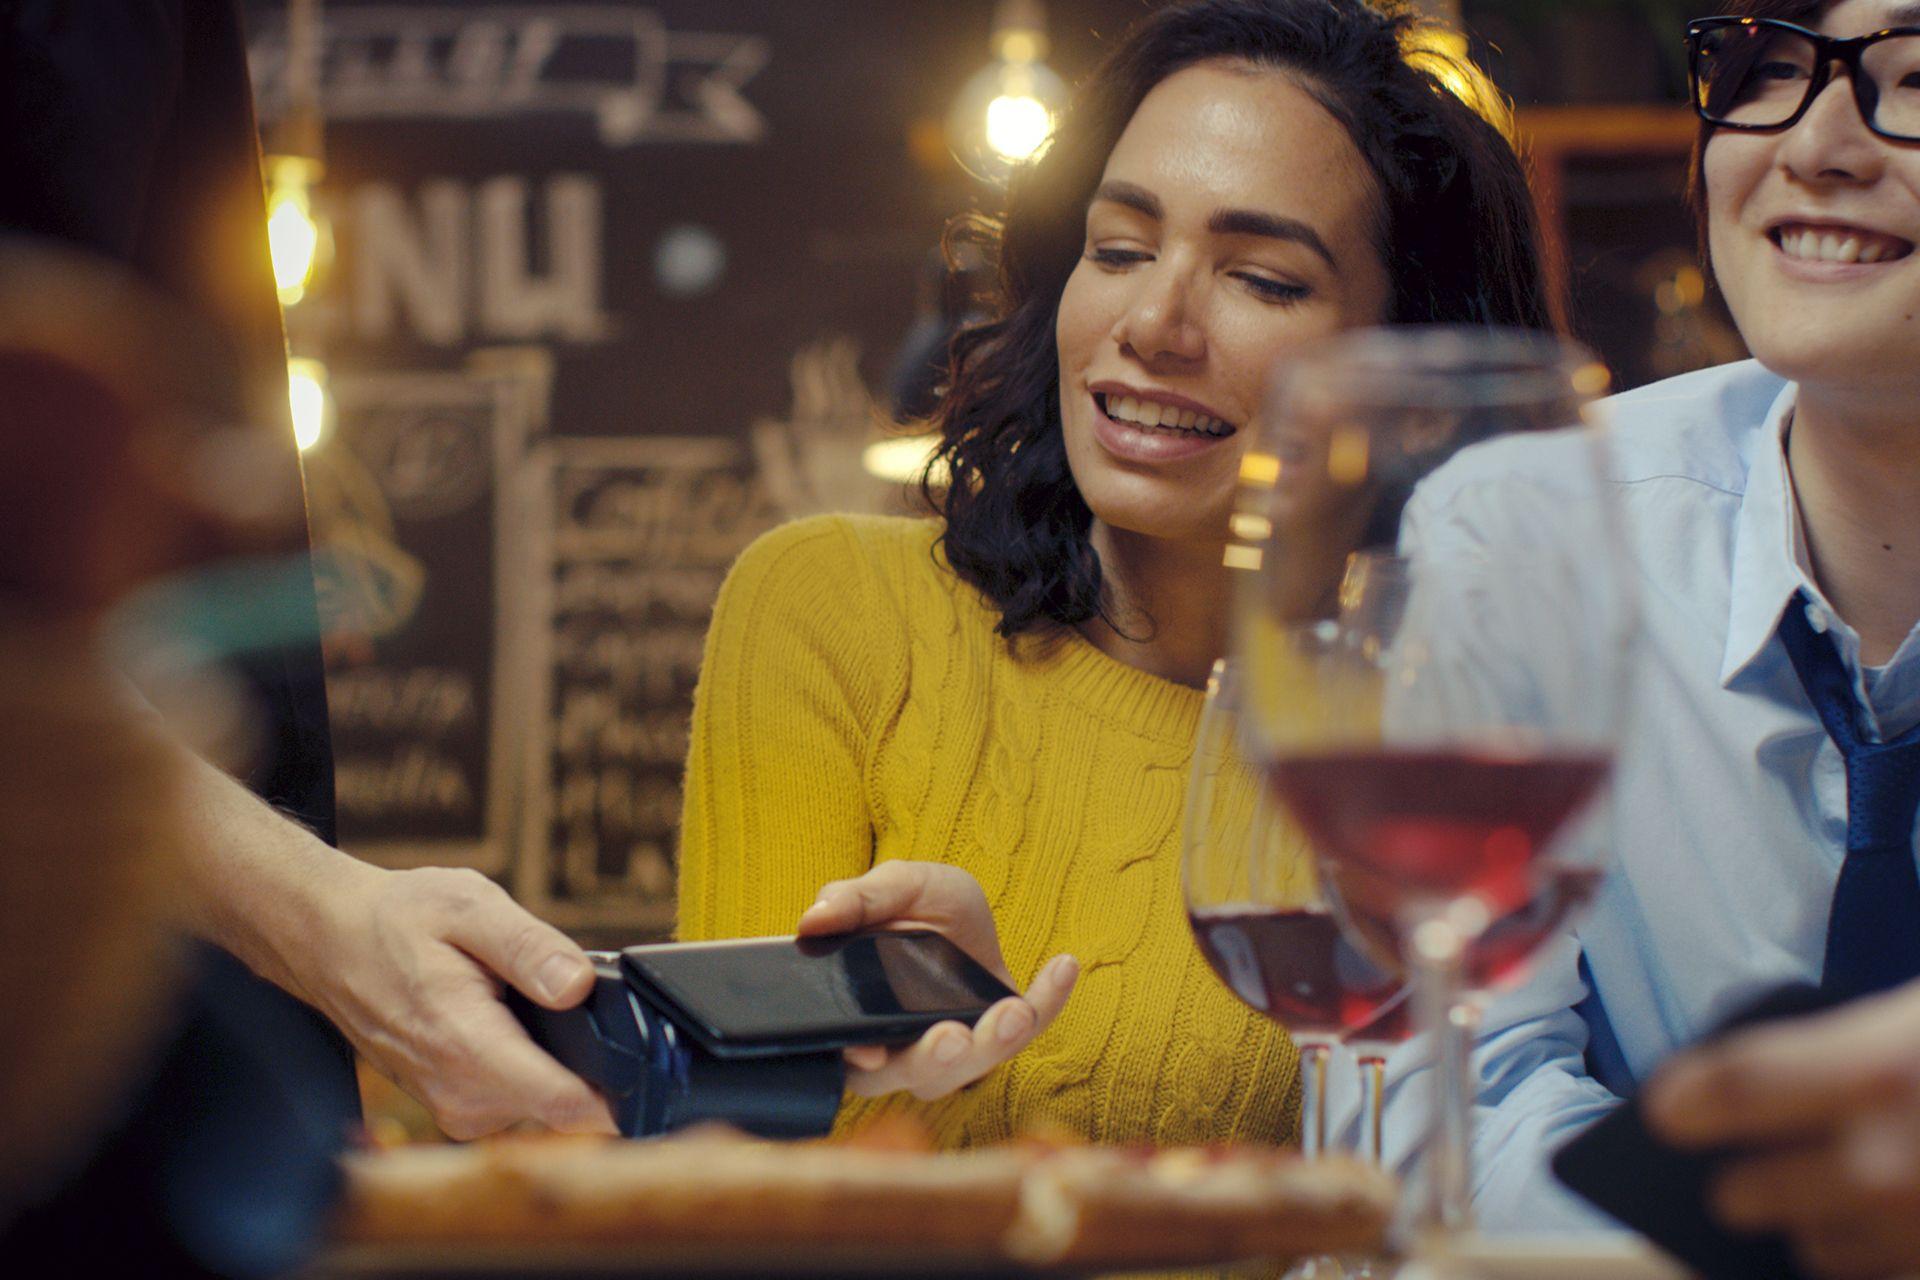 ¿Cómo pagar con el móvil con total seguridad? Con ruralvía